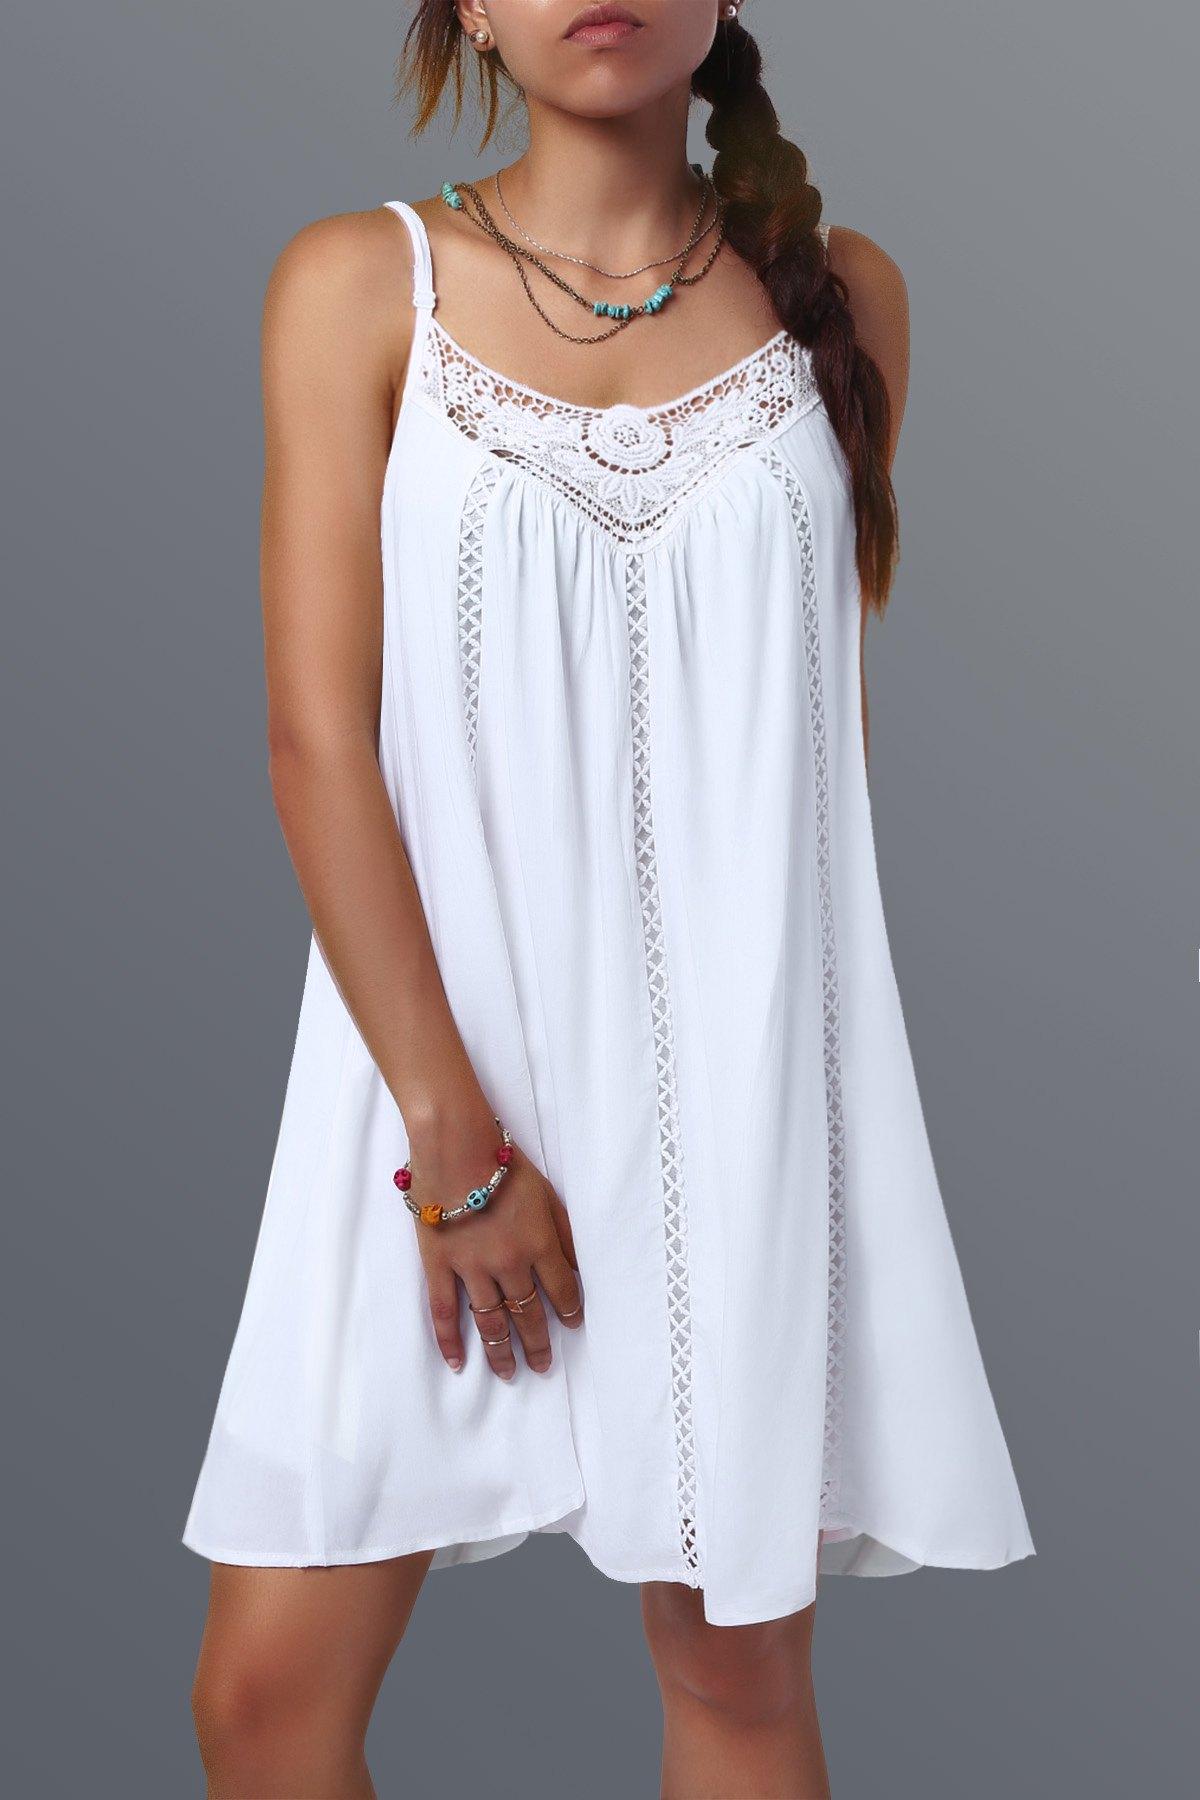 dresses for women rosegal ZSRRCEX